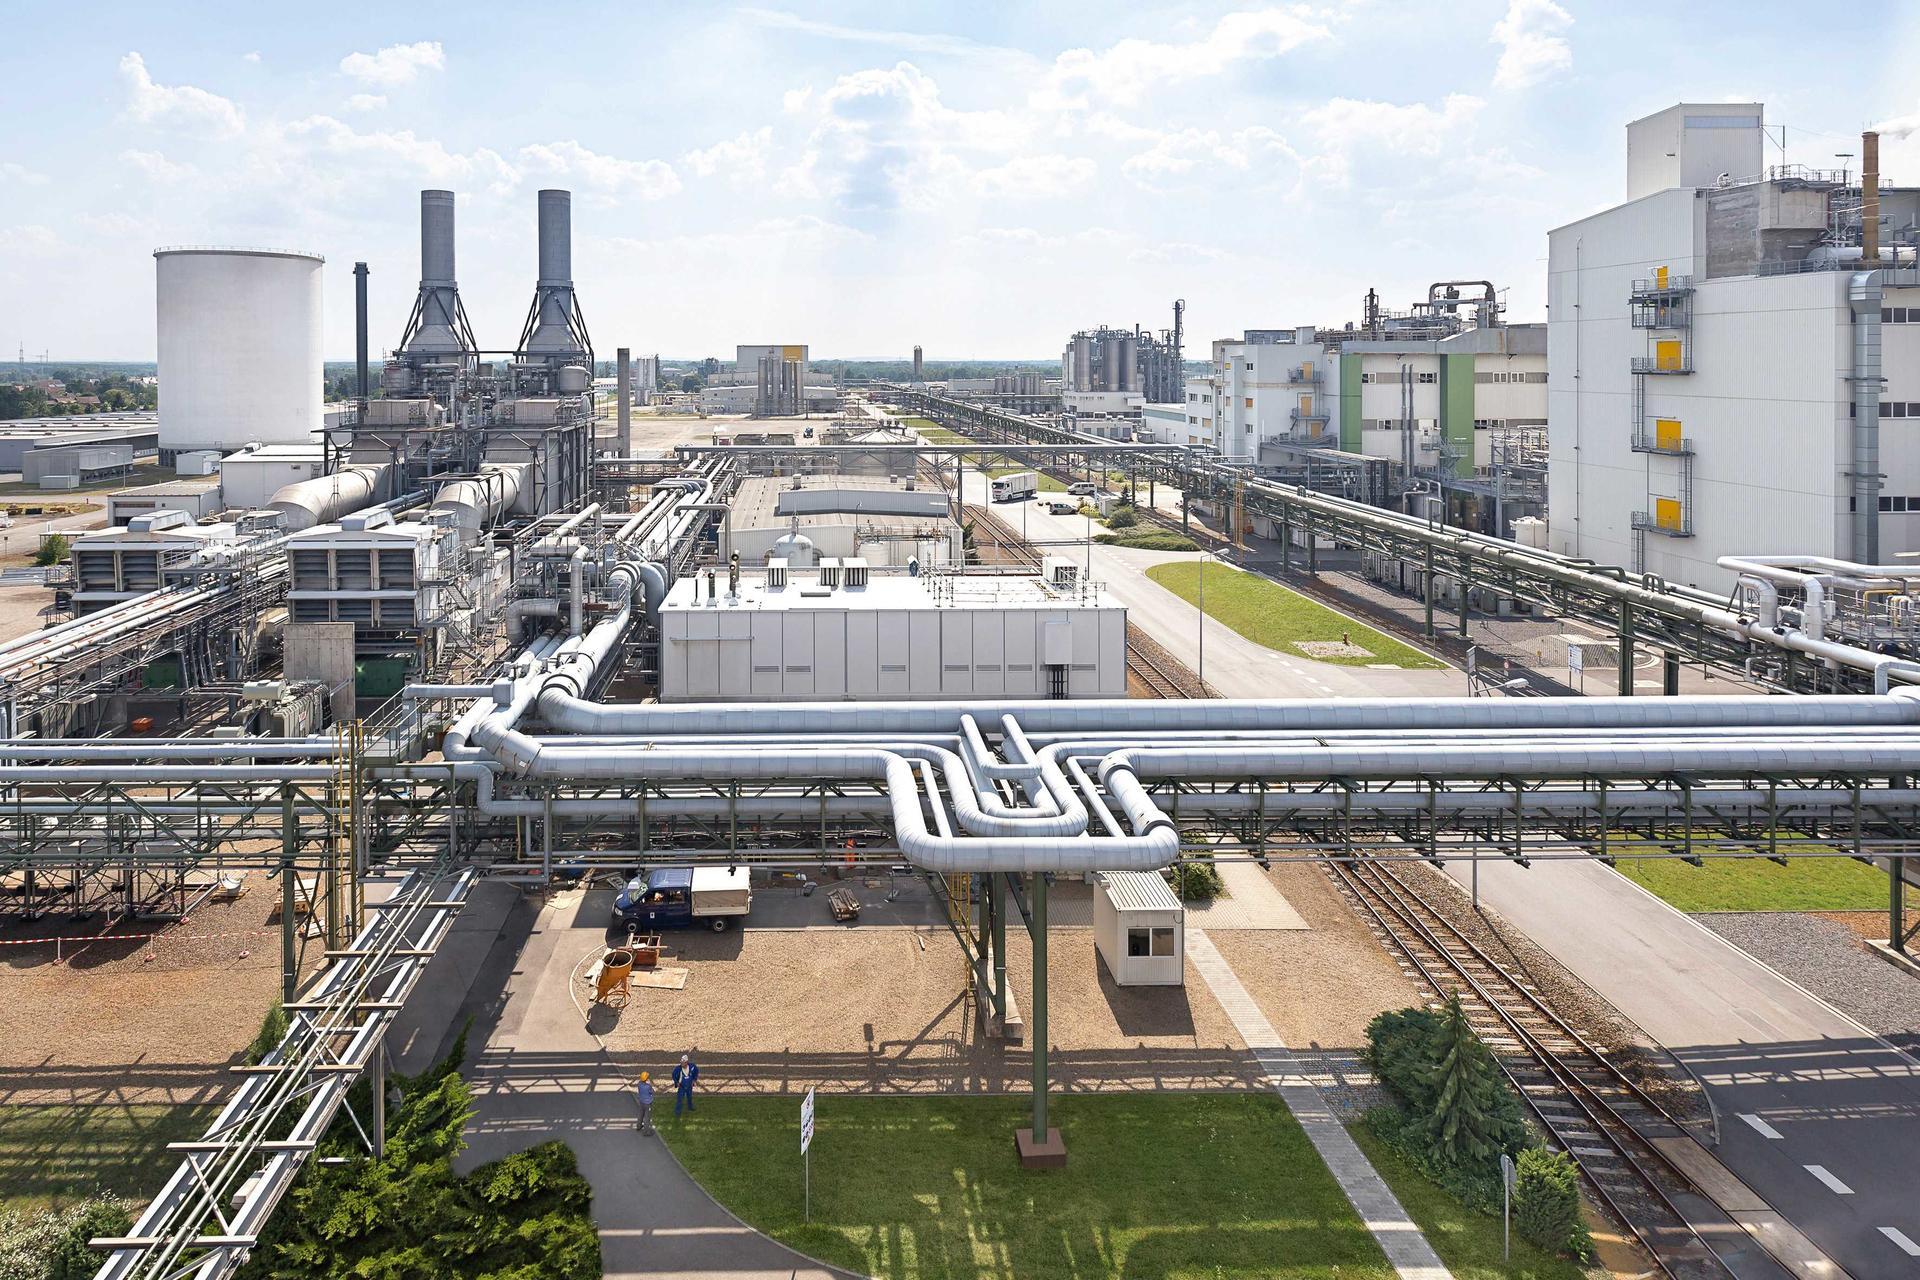 독일 라우지츠 지역에 위치한 바스프 슈바르츠하이데(Schwarzheide) 생산단지